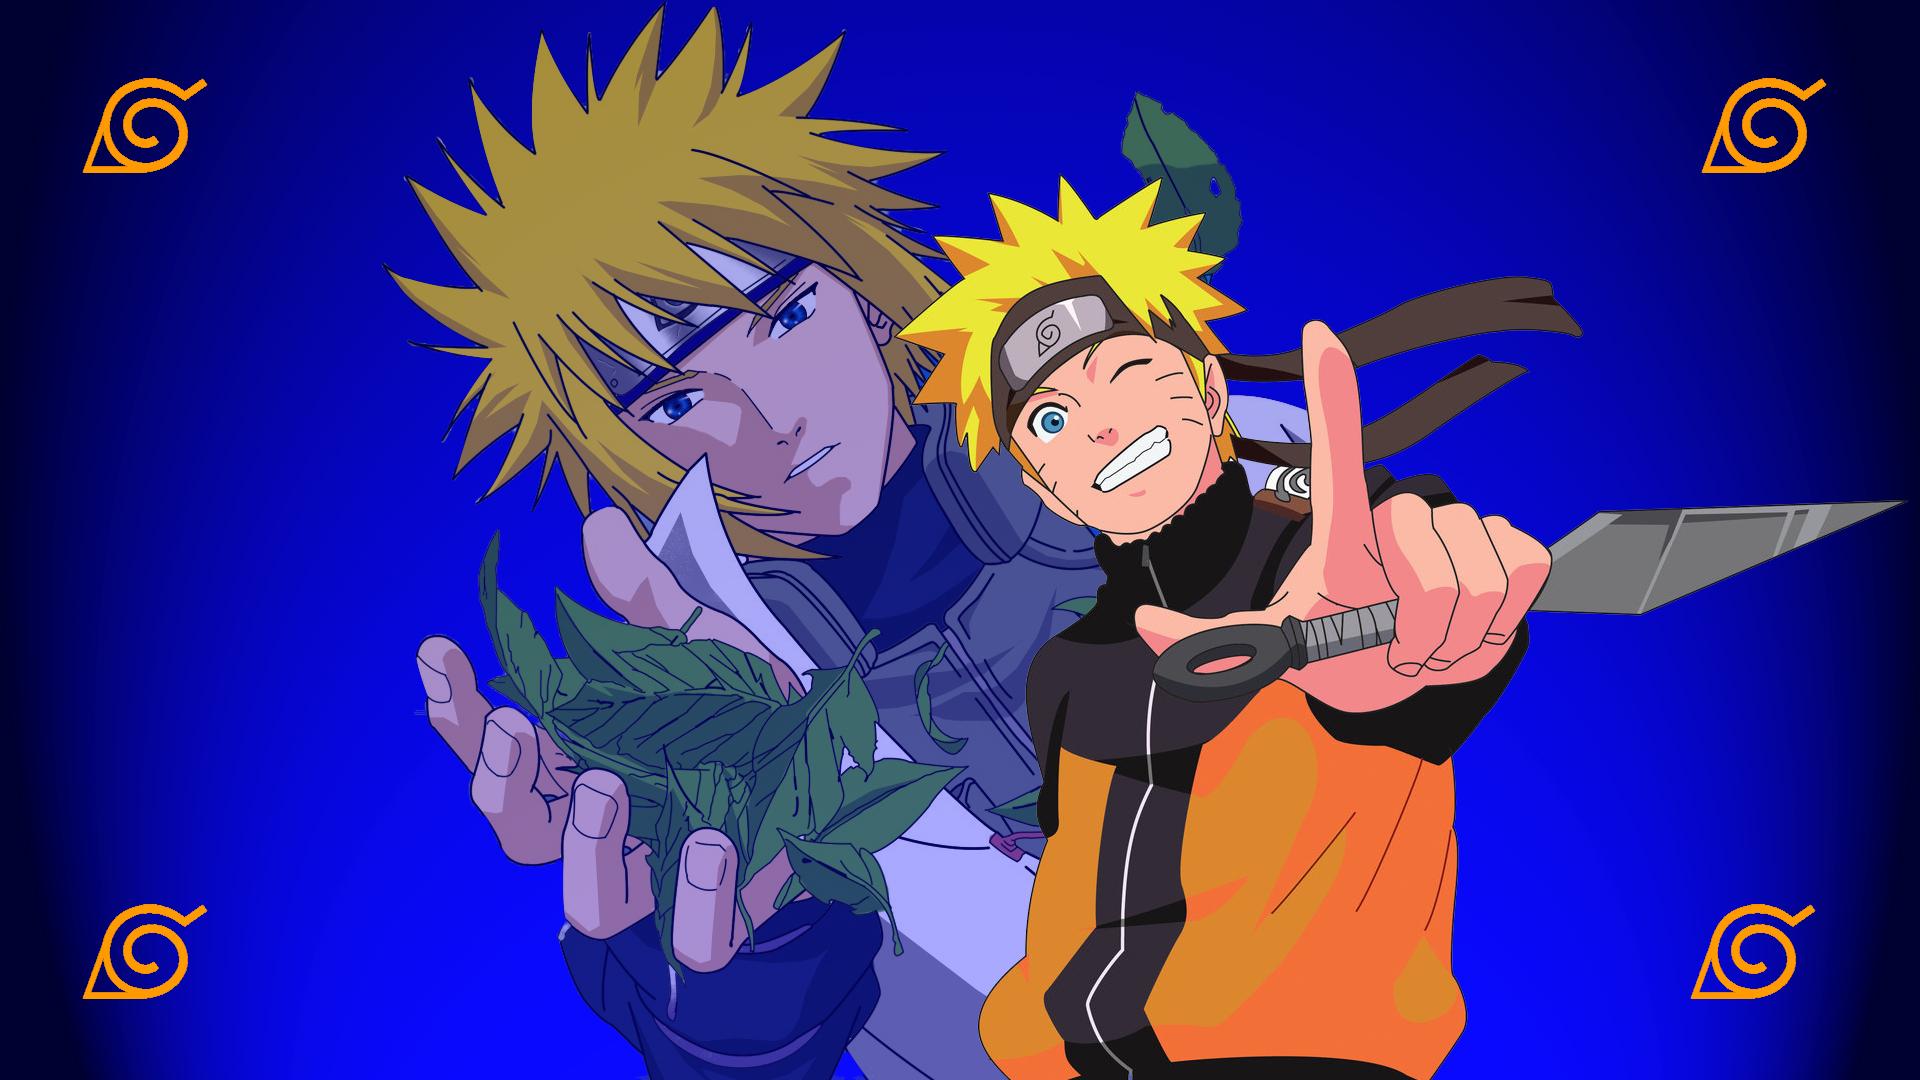 Download 78 Wallpaper Of Naruto Moving HD Terbaru